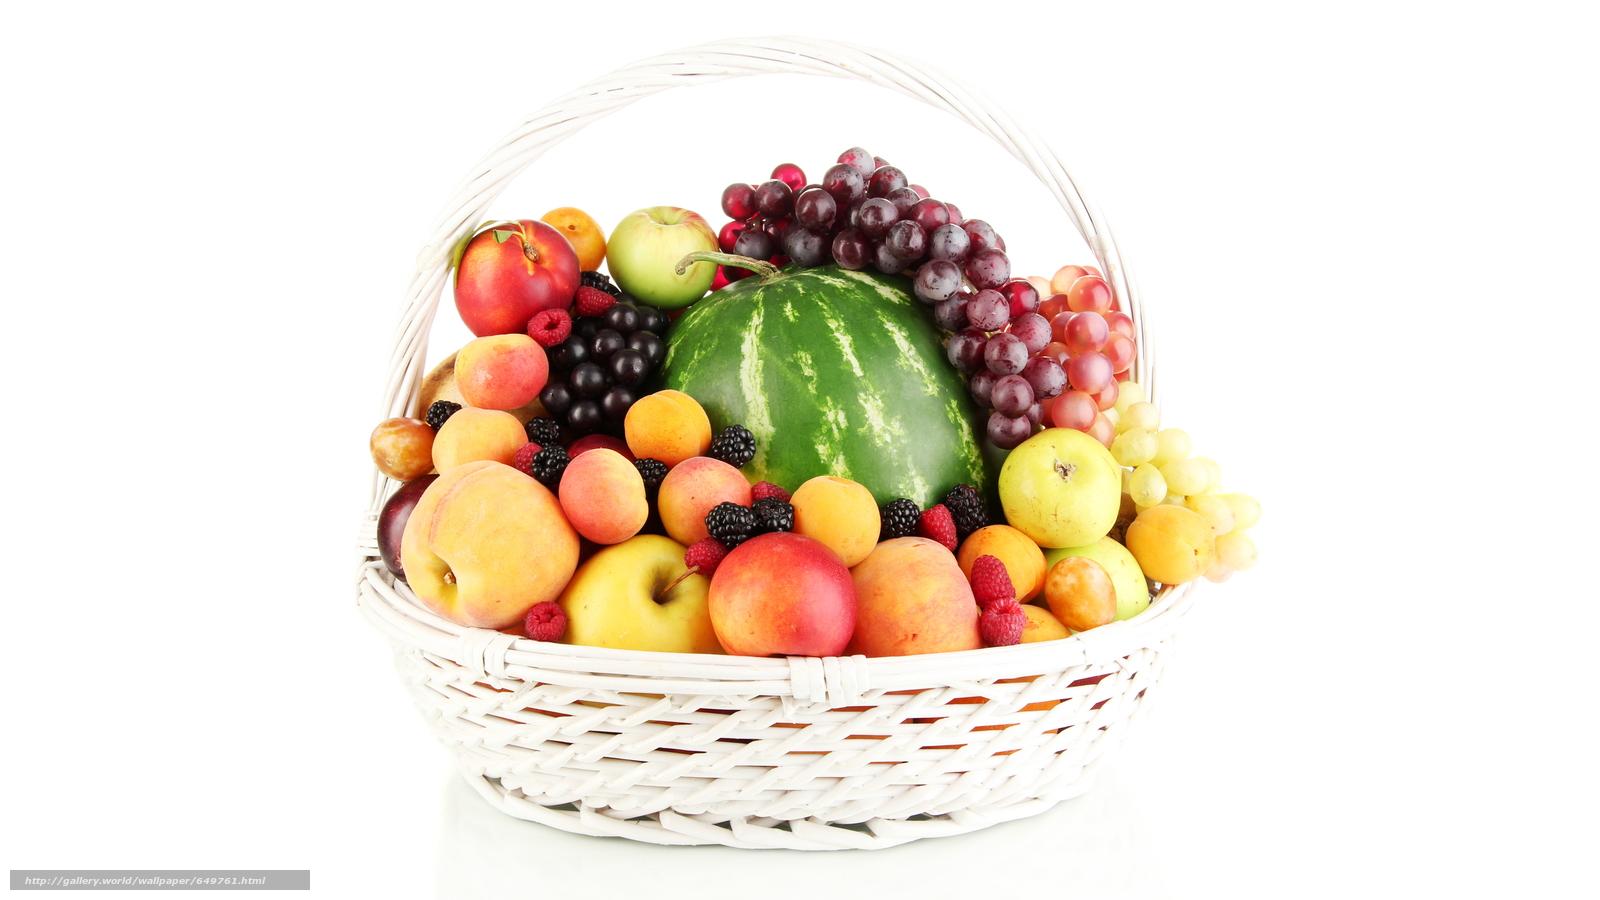 descarca imagini de fundal natură moartă,  fruct,  fel de mâncare făcut,  coș Imagini de fundal gratuite pentru rezoluia desktop 12116x6815 — imagine №649761